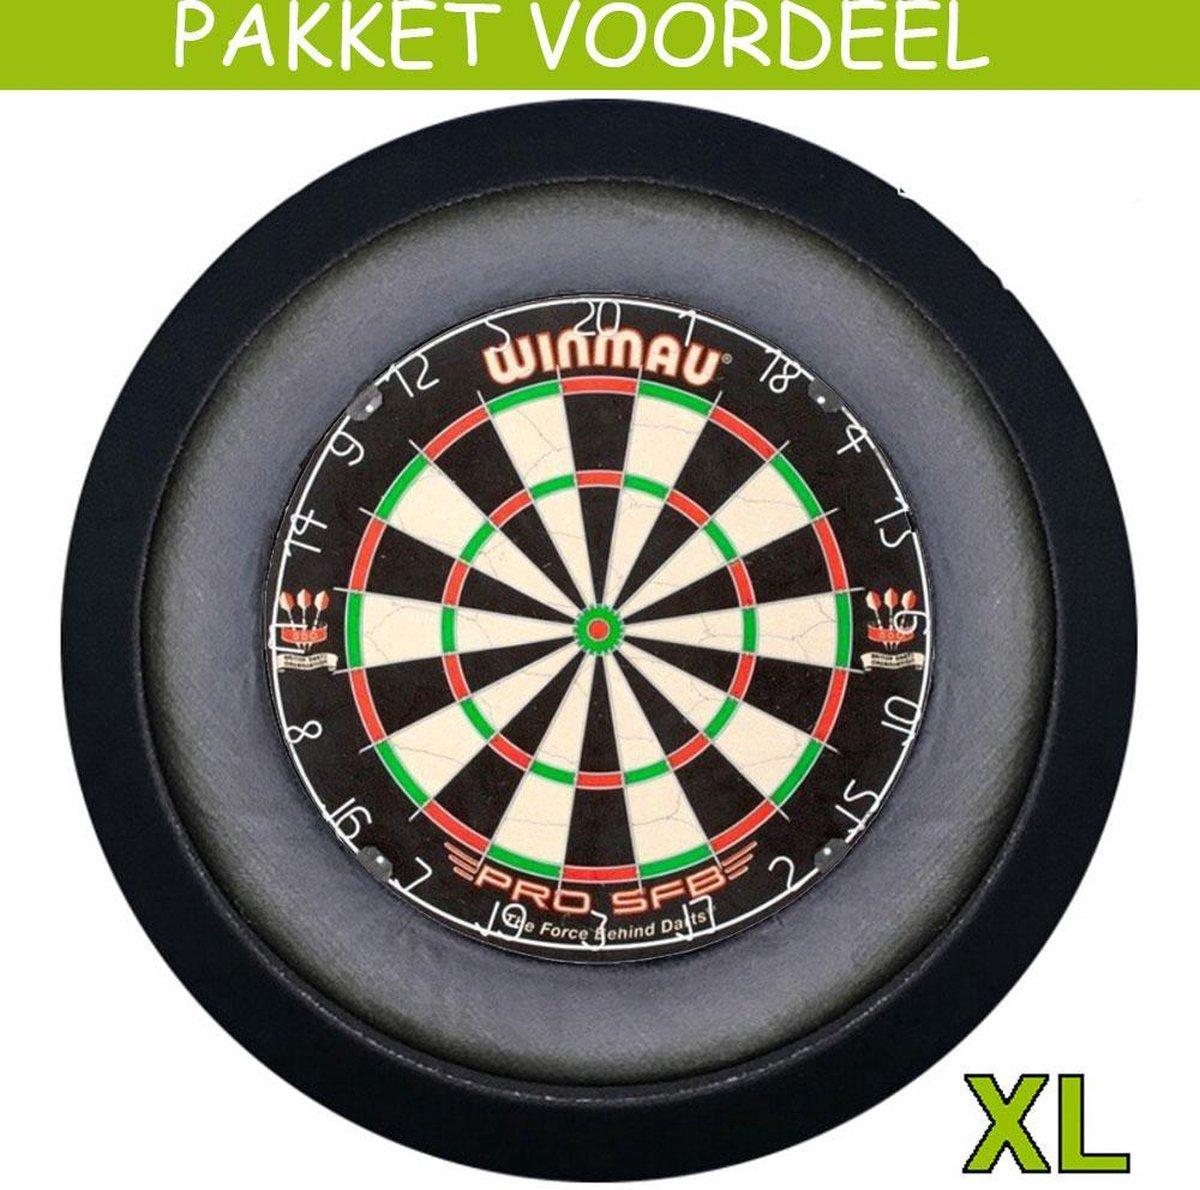 Dartbord met Verlichting Voordeelpakket (Zwart) + Pro SFB + Lena DeLuxe XL